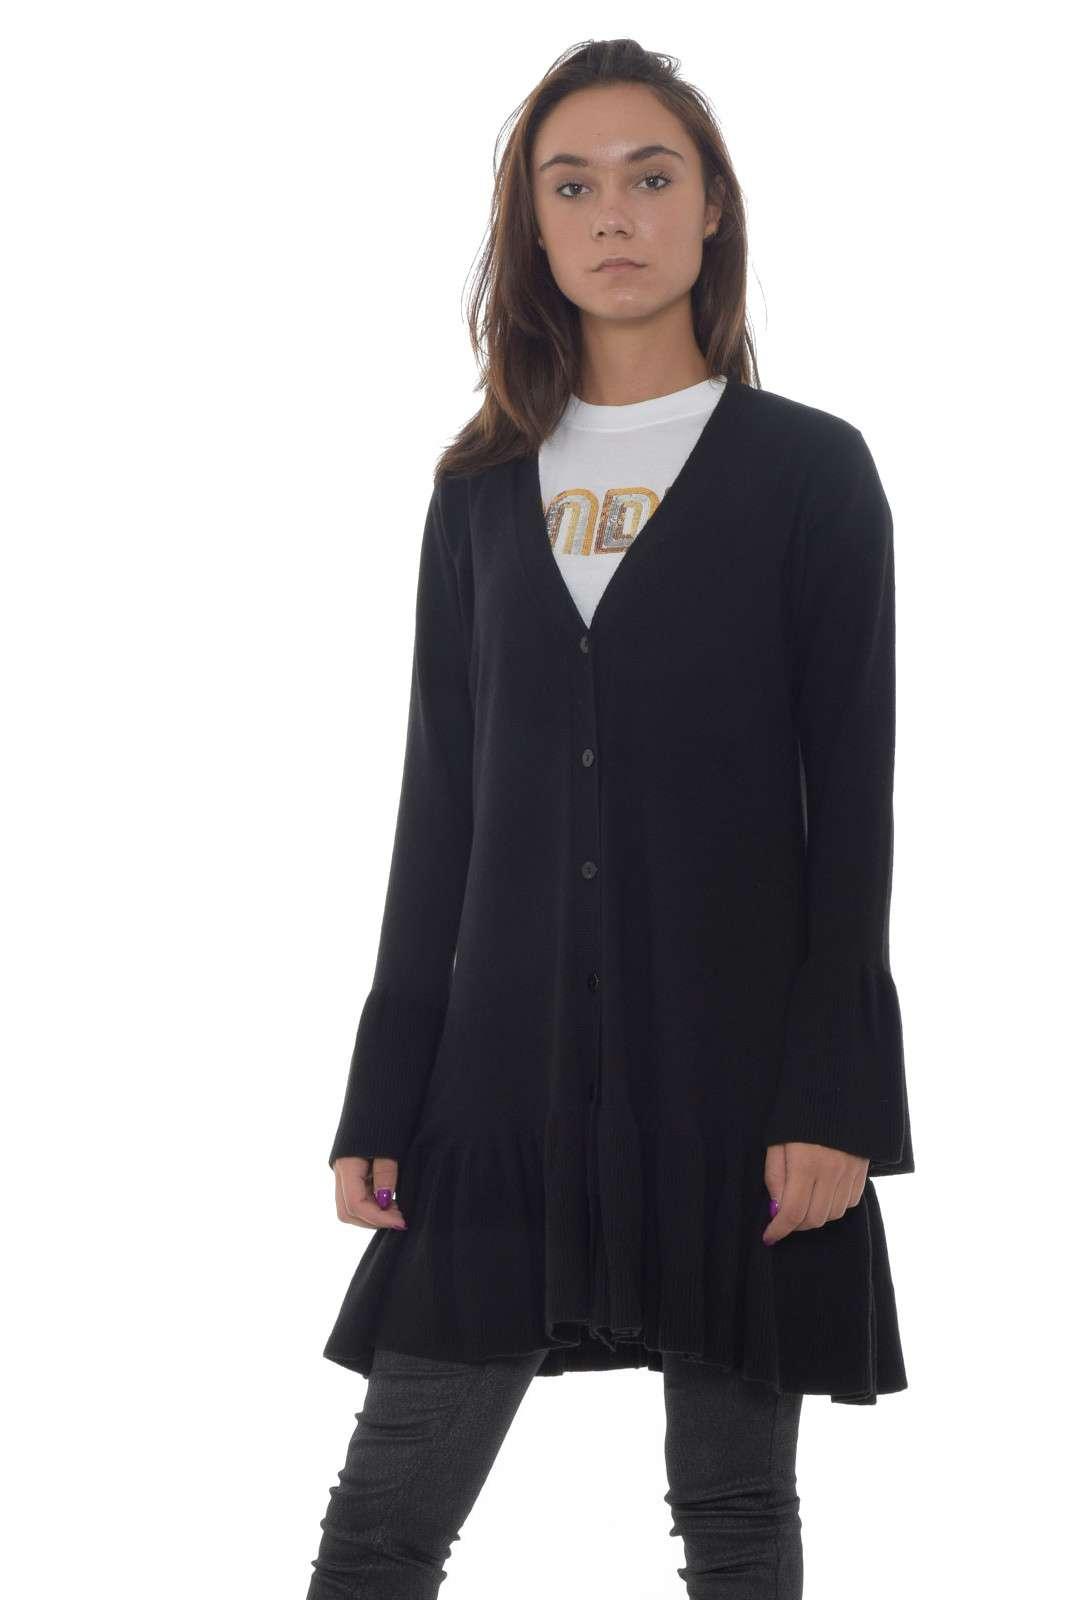 Versatilità per il cardigan donna firmato Twinset Milano. La linea permette di indossarlo sia come maglia aperta con un jeans extra skinny, o come abito per un effetto chemisier. Il filato in misto mohair rende questo capo un caldo e morbido evergreen. La modella è alta 1.85m e indossa la taglia 42.